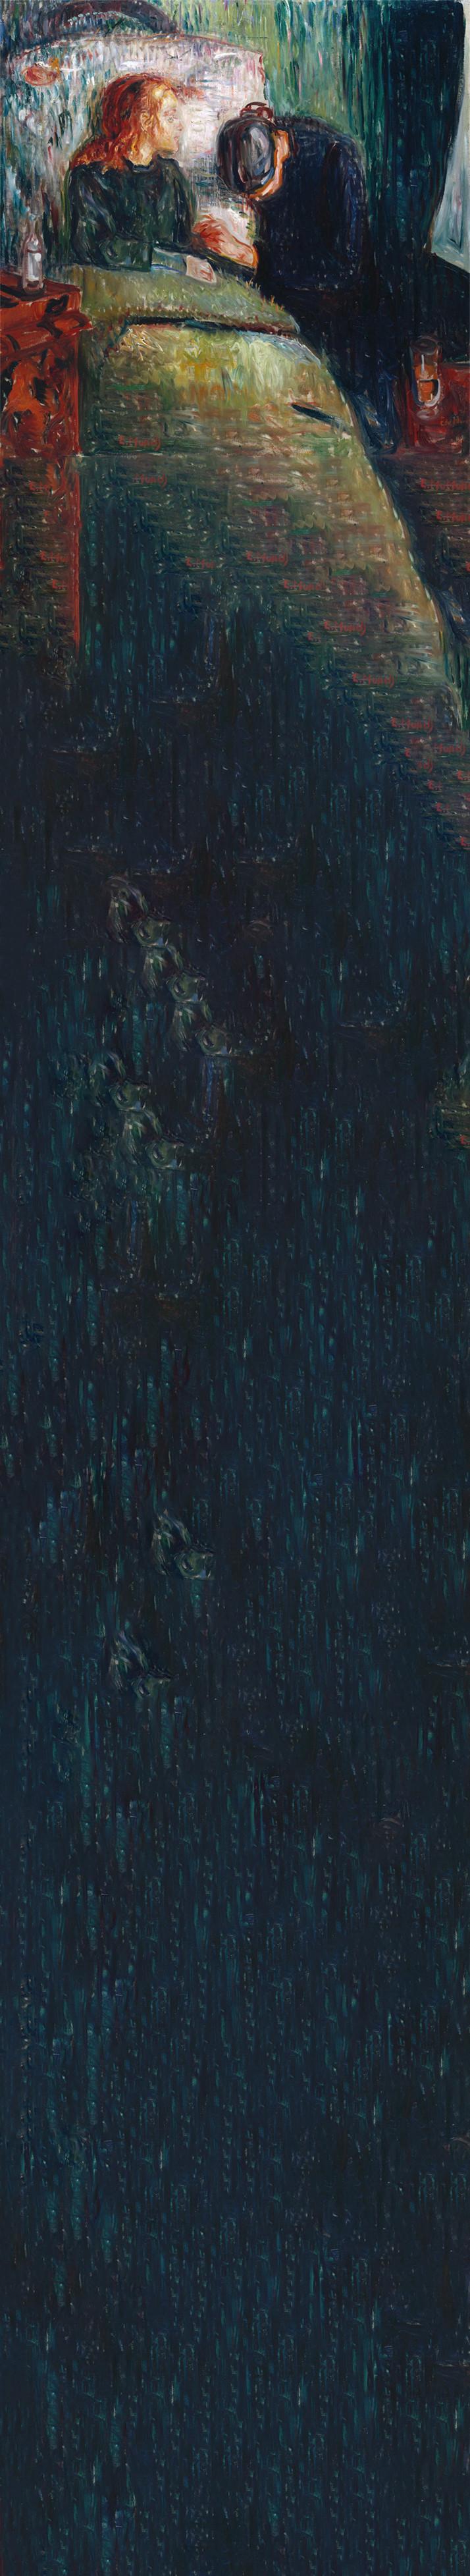 McKeen - source - Edvard Munch, The Sick